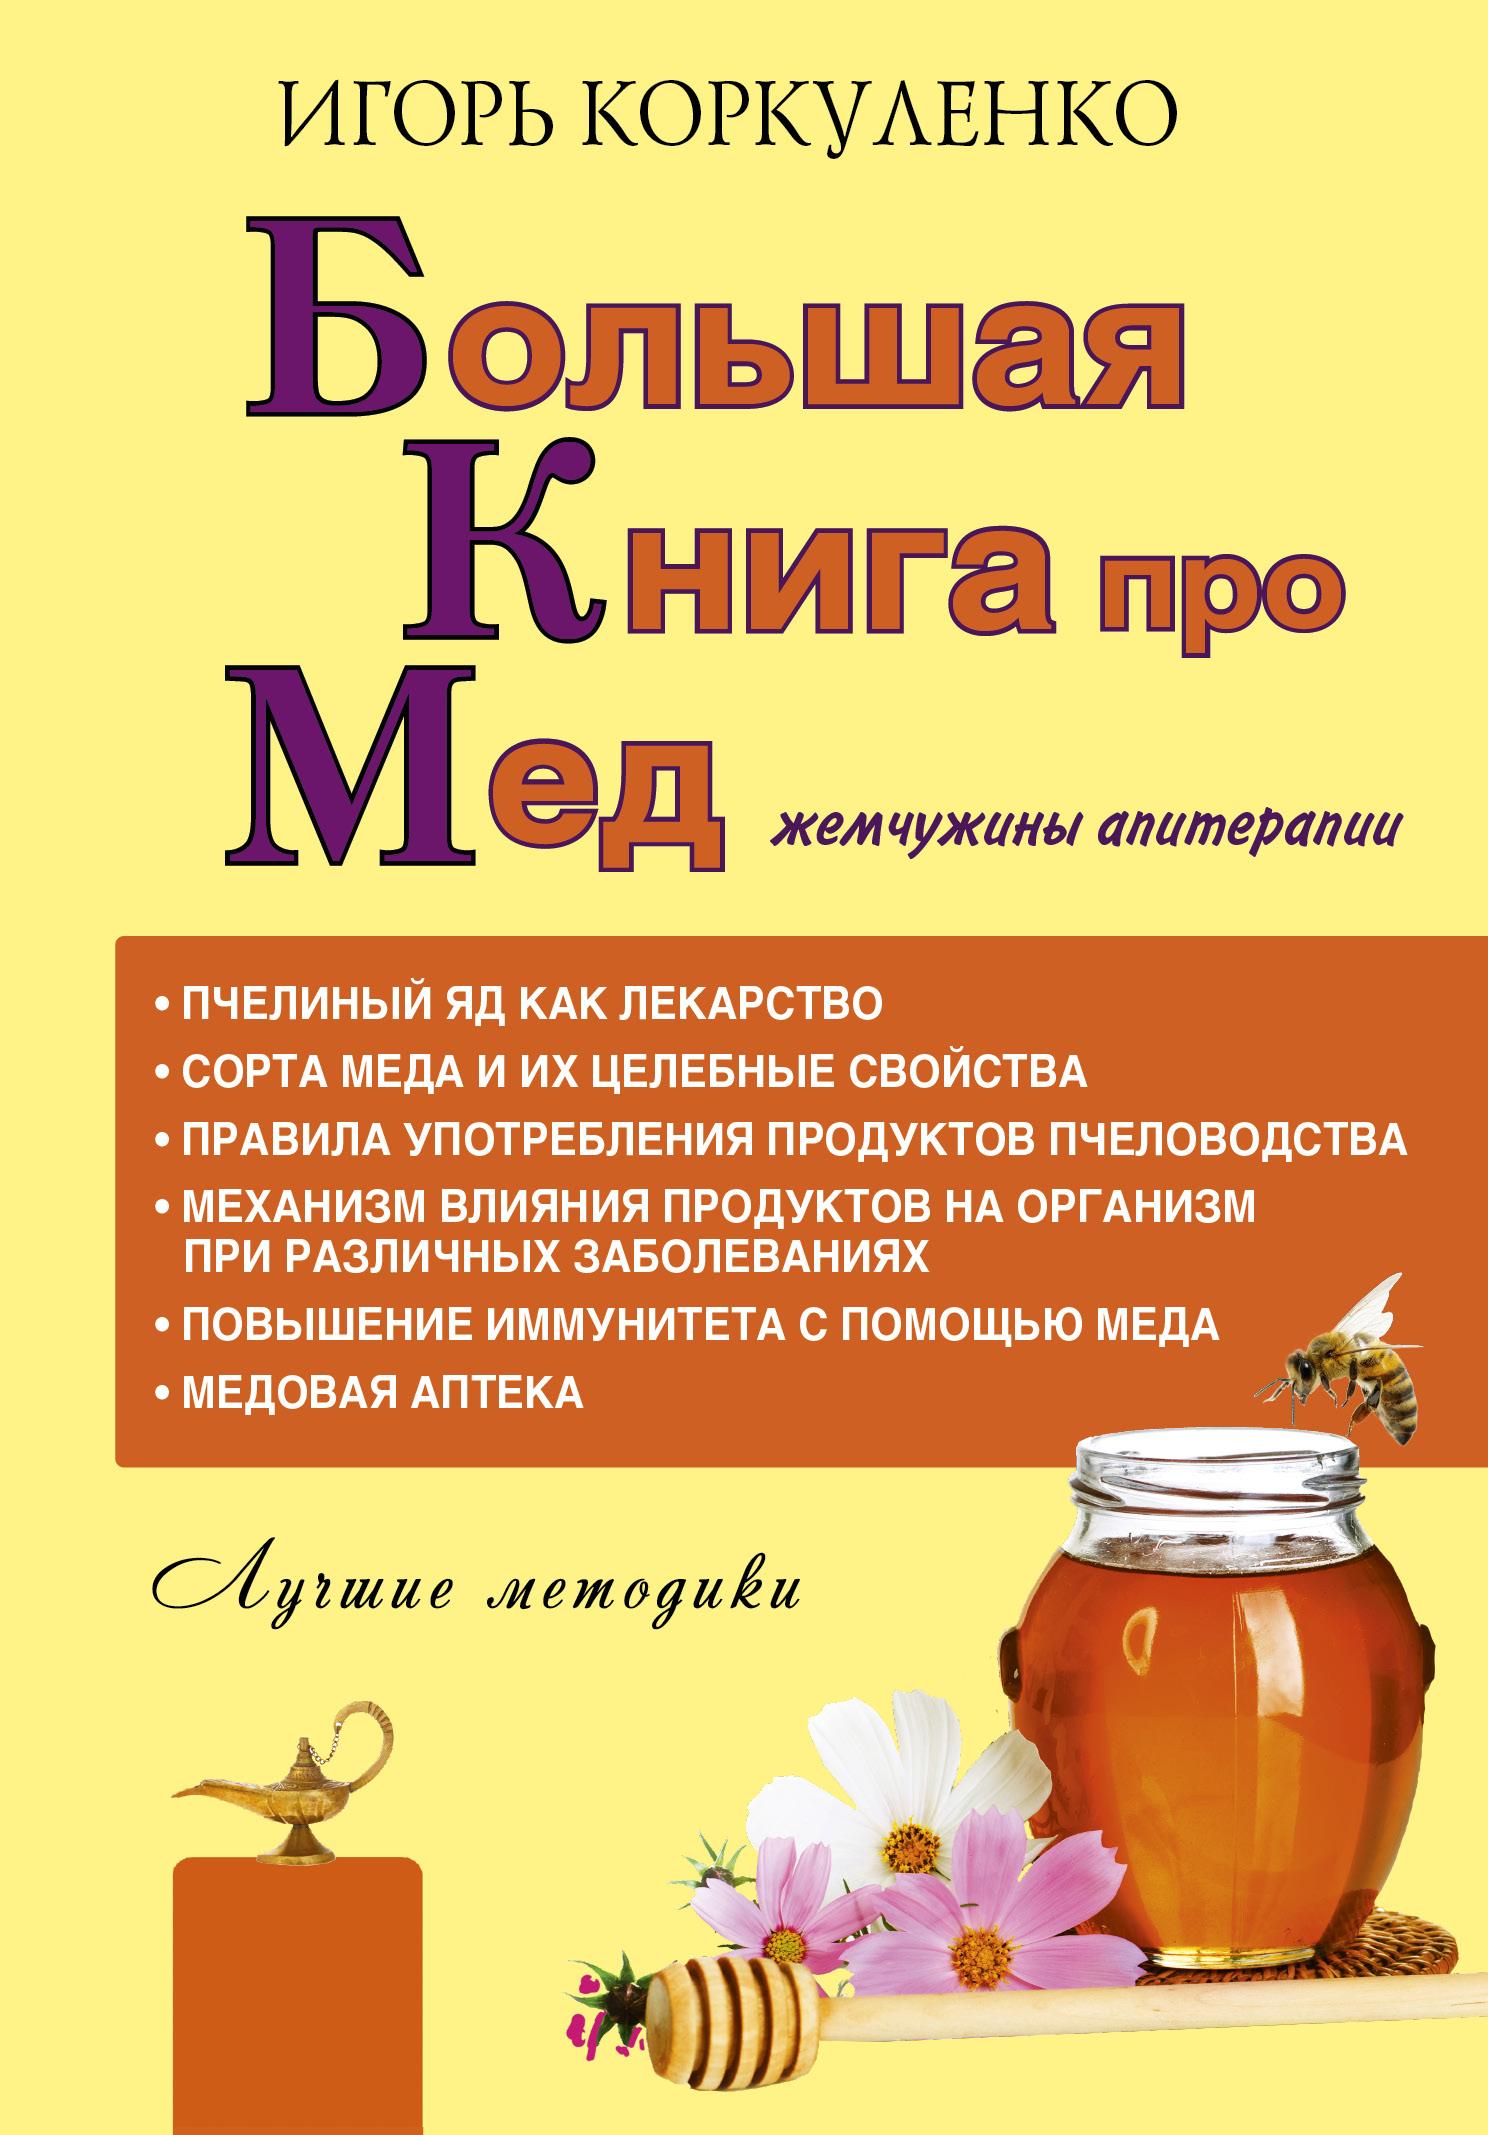 Коркуленко И.Т. Большая книга про мед: жемчужины апитерапии как фермеру быстро продать мед